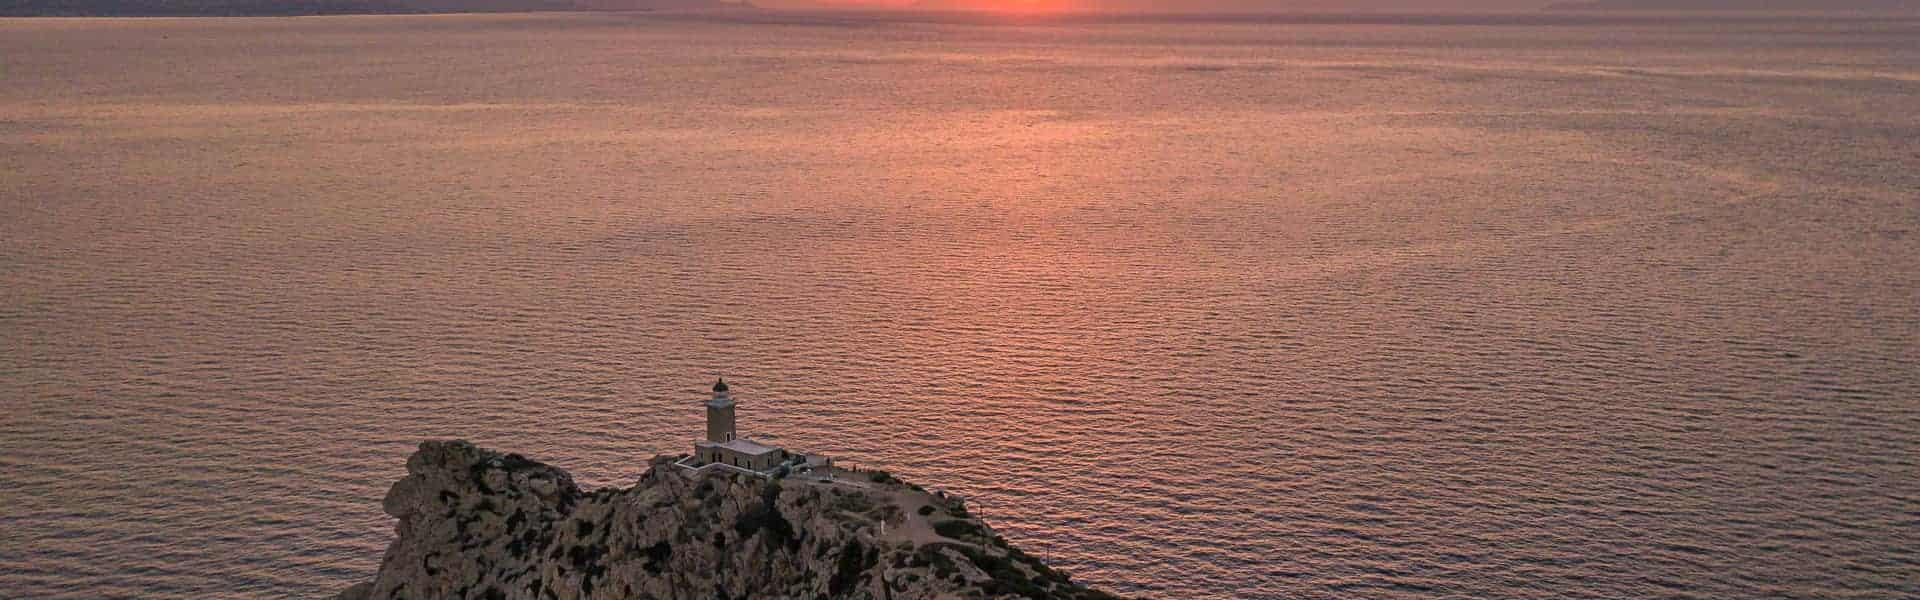 Ηλιοβασίλεμα στον φάρο Μελαγκάβι